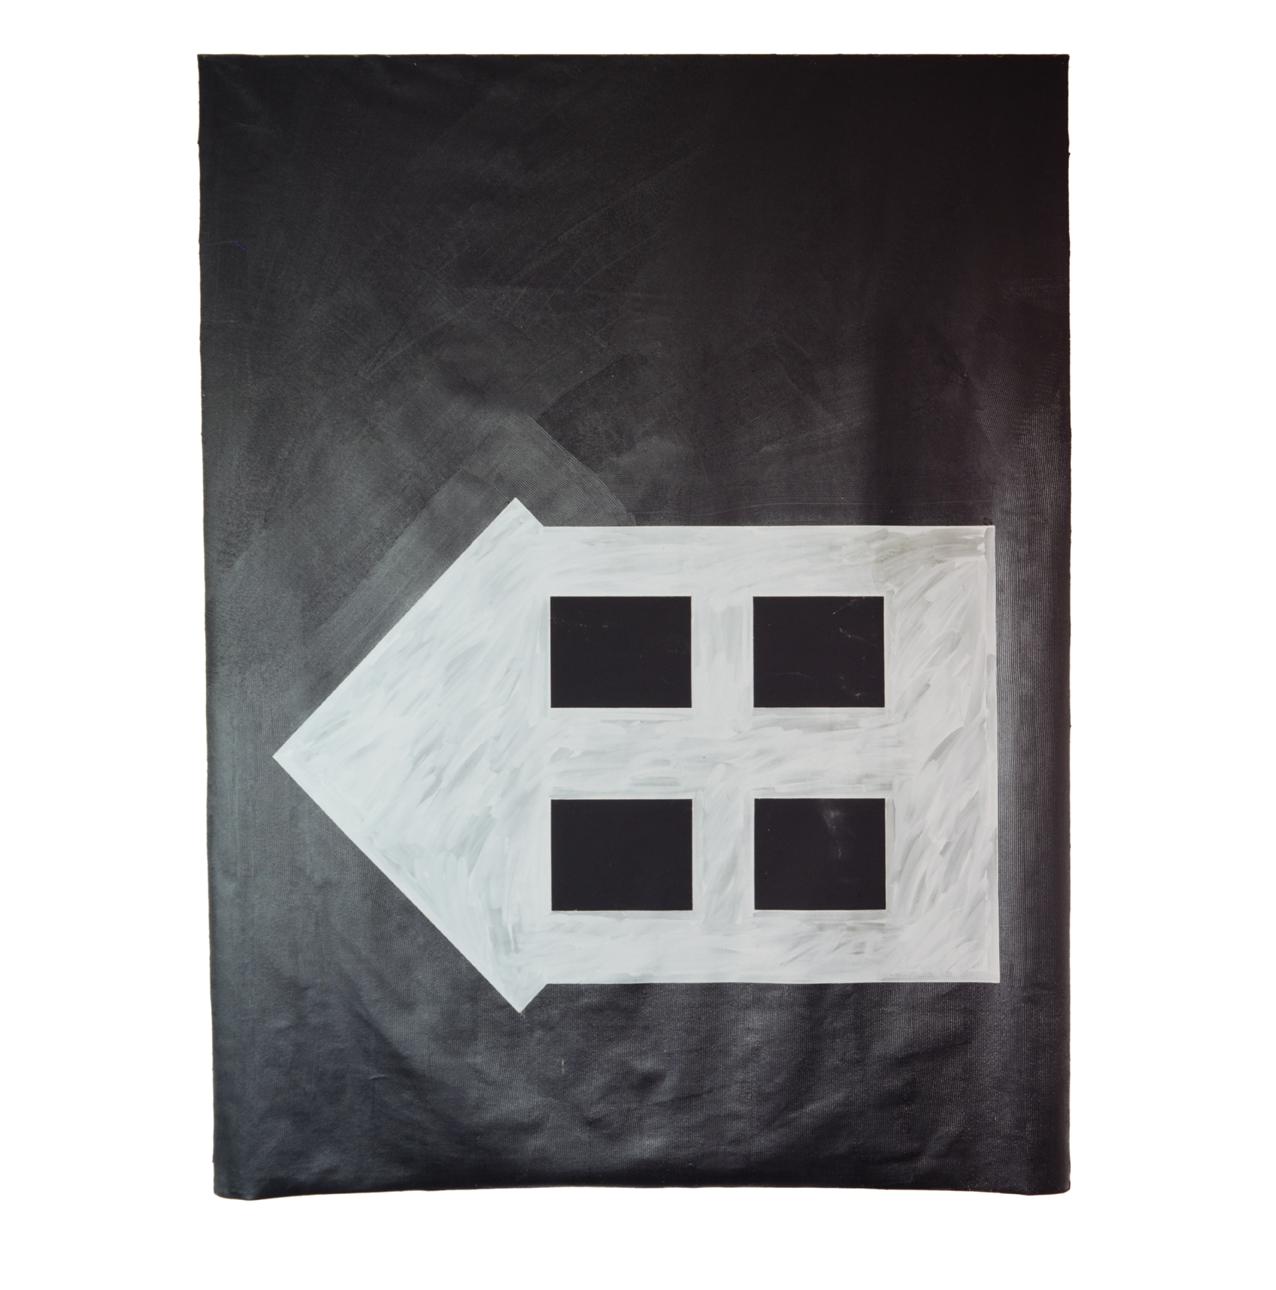 """""""Hausbild"""" 1981, Bitumen, Teer, Silberbronze auf Leinwand, 275 x 210 cm - Sammlung Madison Art Center/Madison, Wisconsin - Foto Stephan Hadler"""